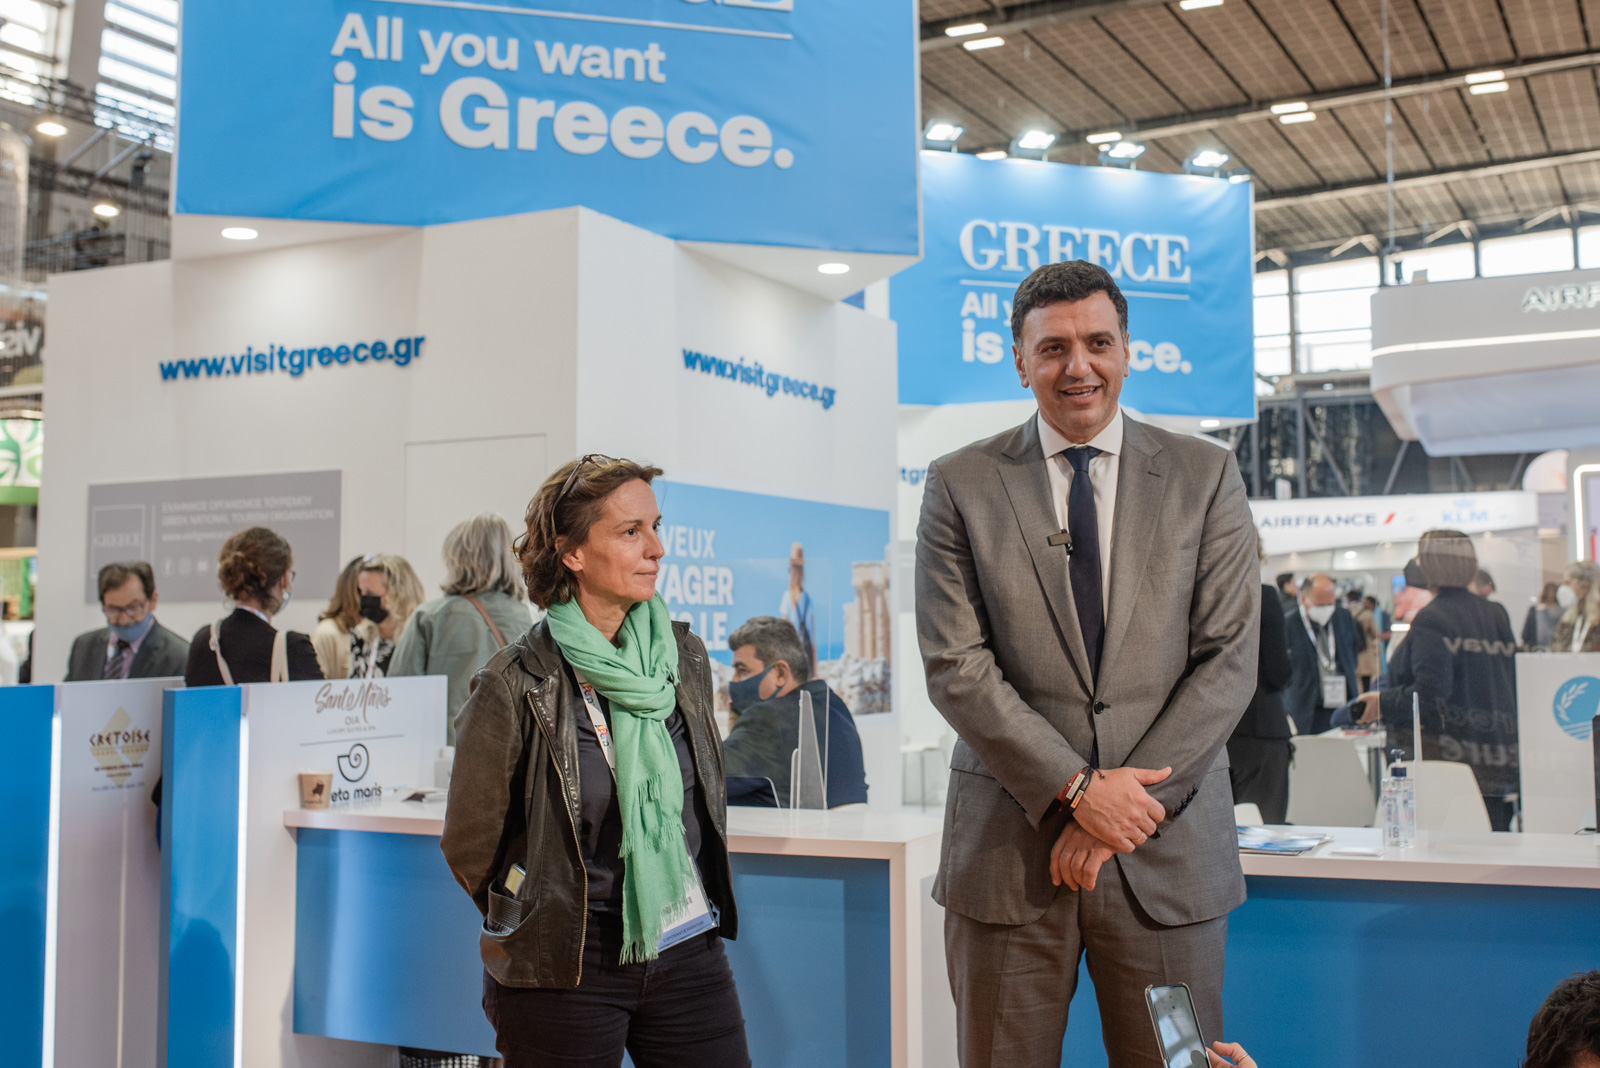 Στη διεθνή τουριστική έκθεση Top Resa στο Παρίσι ο Υπουργός Βασίλης Κικίλιας